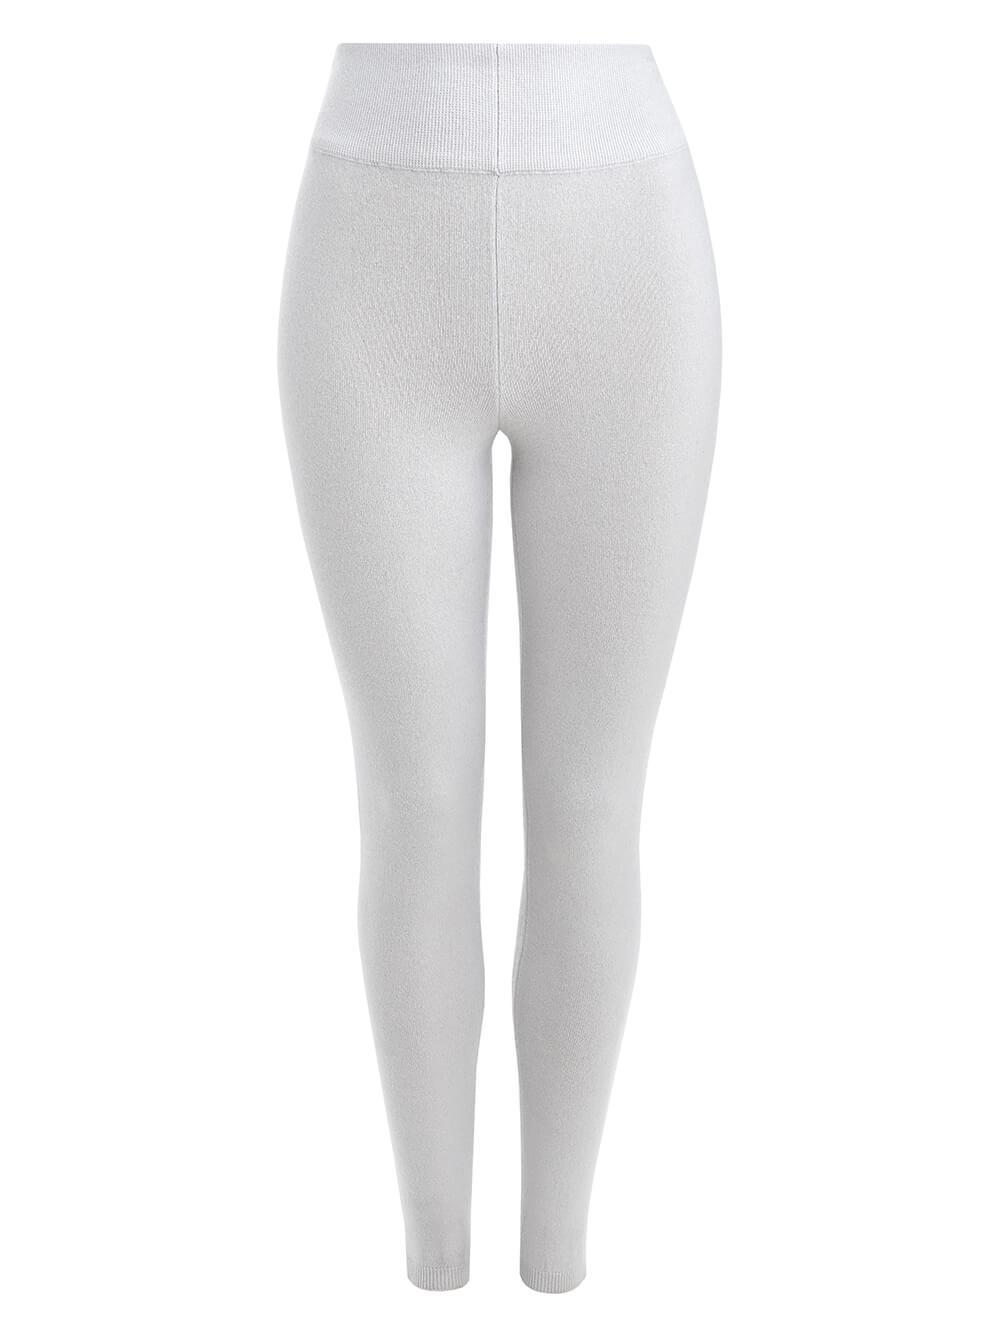 Женские брюки светло-серого цвета из 100% кашемира - фото 1